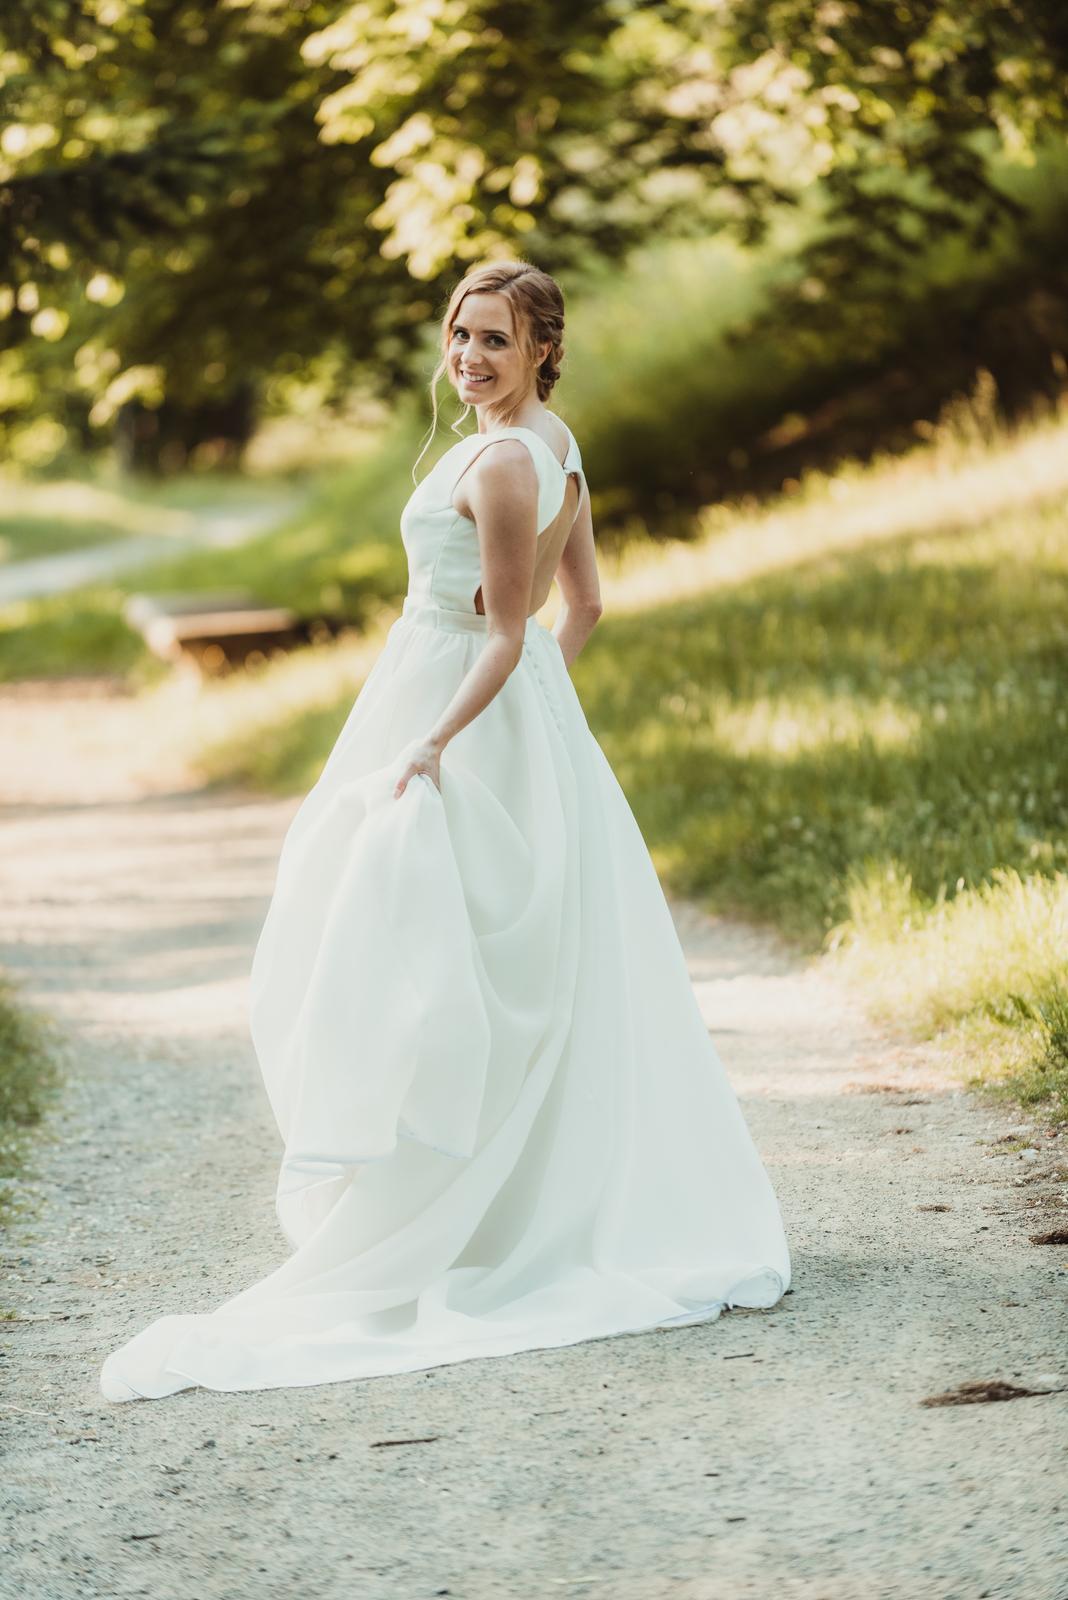 Hladké svatební šaty vel 36 - Obrázek č. 1